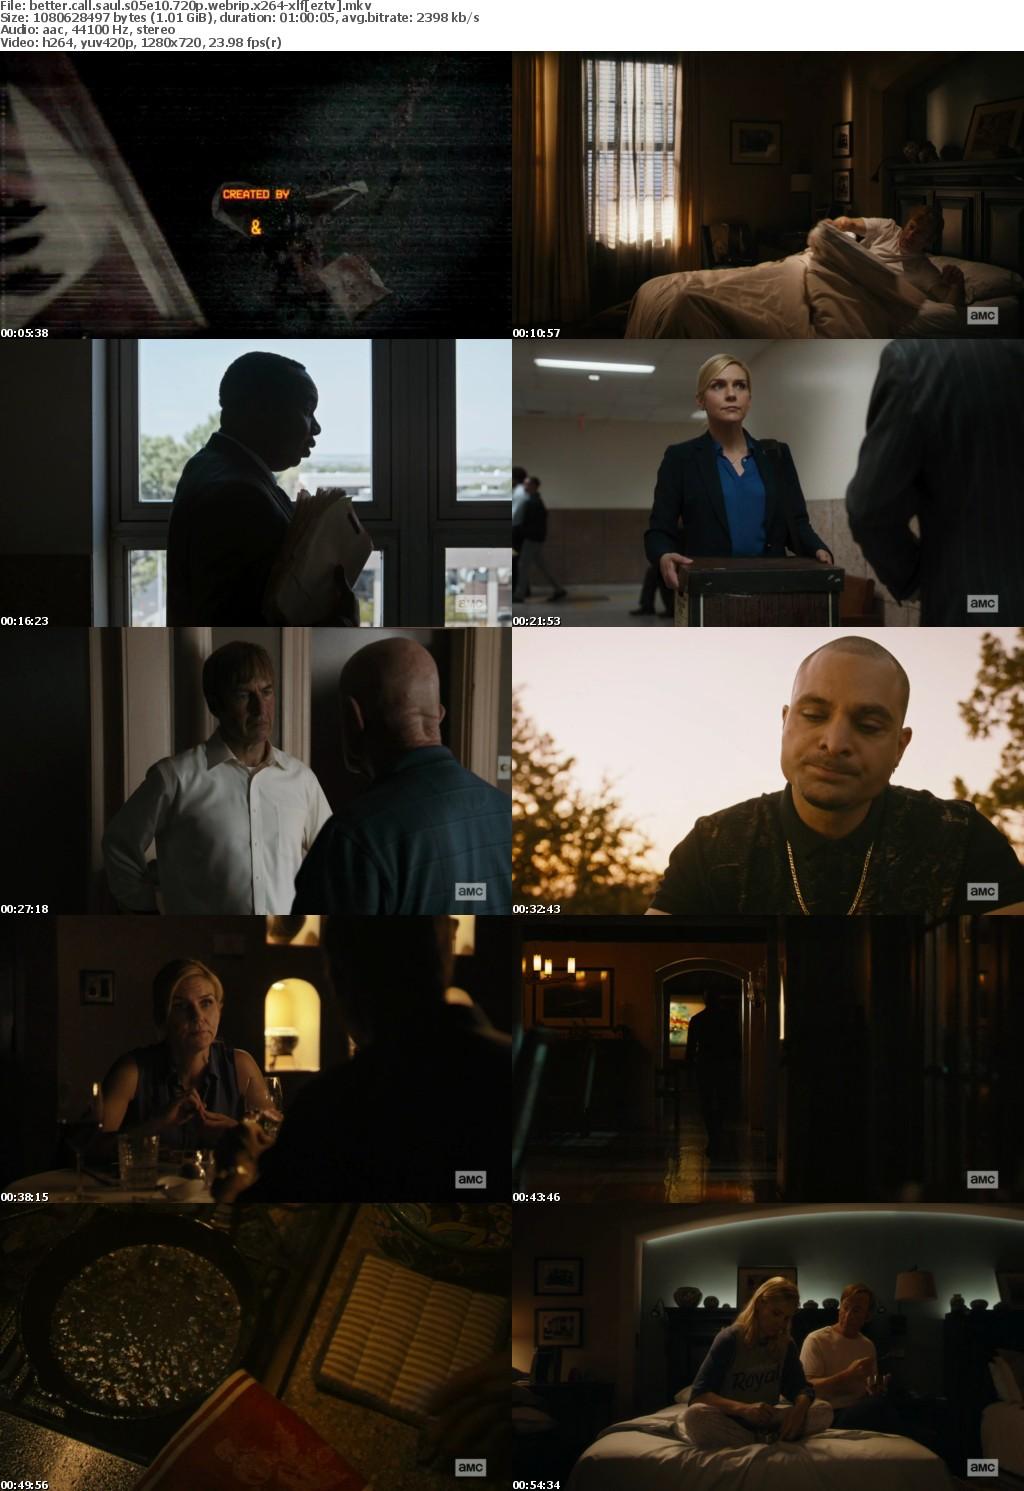 Better Call Saul S05E10 720p WEBRip x264-XLF